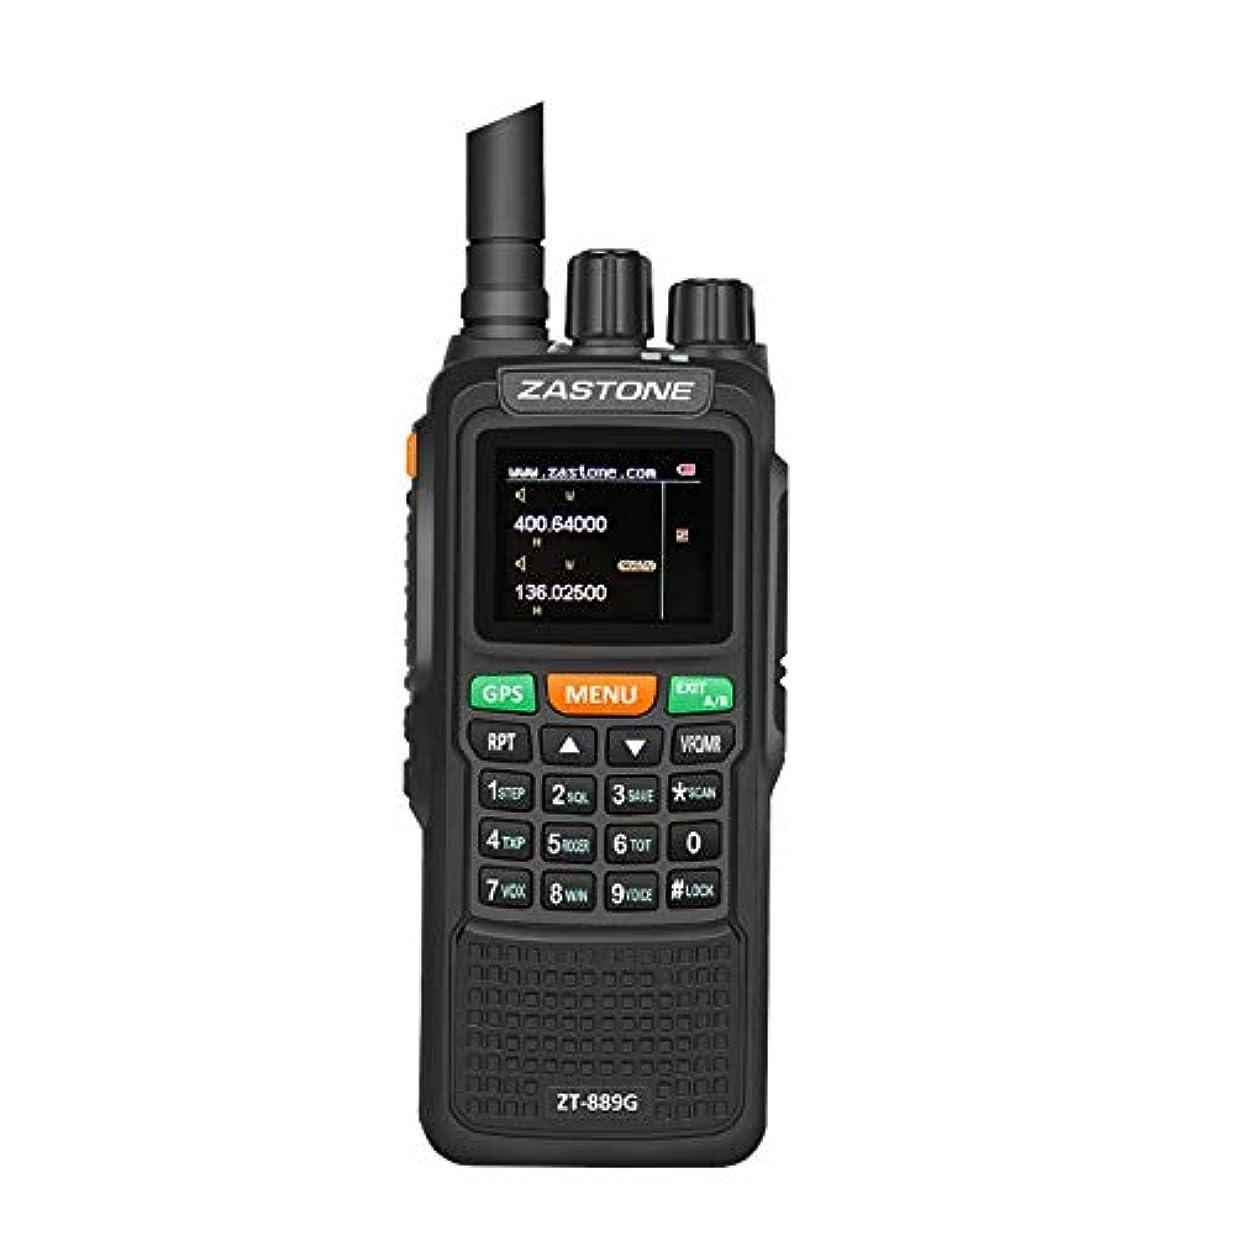 洪水批評バイオリンHUAXING X5 GPS トランシーバー トランシーバー 10W 3000mAh UHF 400-520 / VHF134-174MHz Ham CB ラジオ HF 探検 ハンティング用